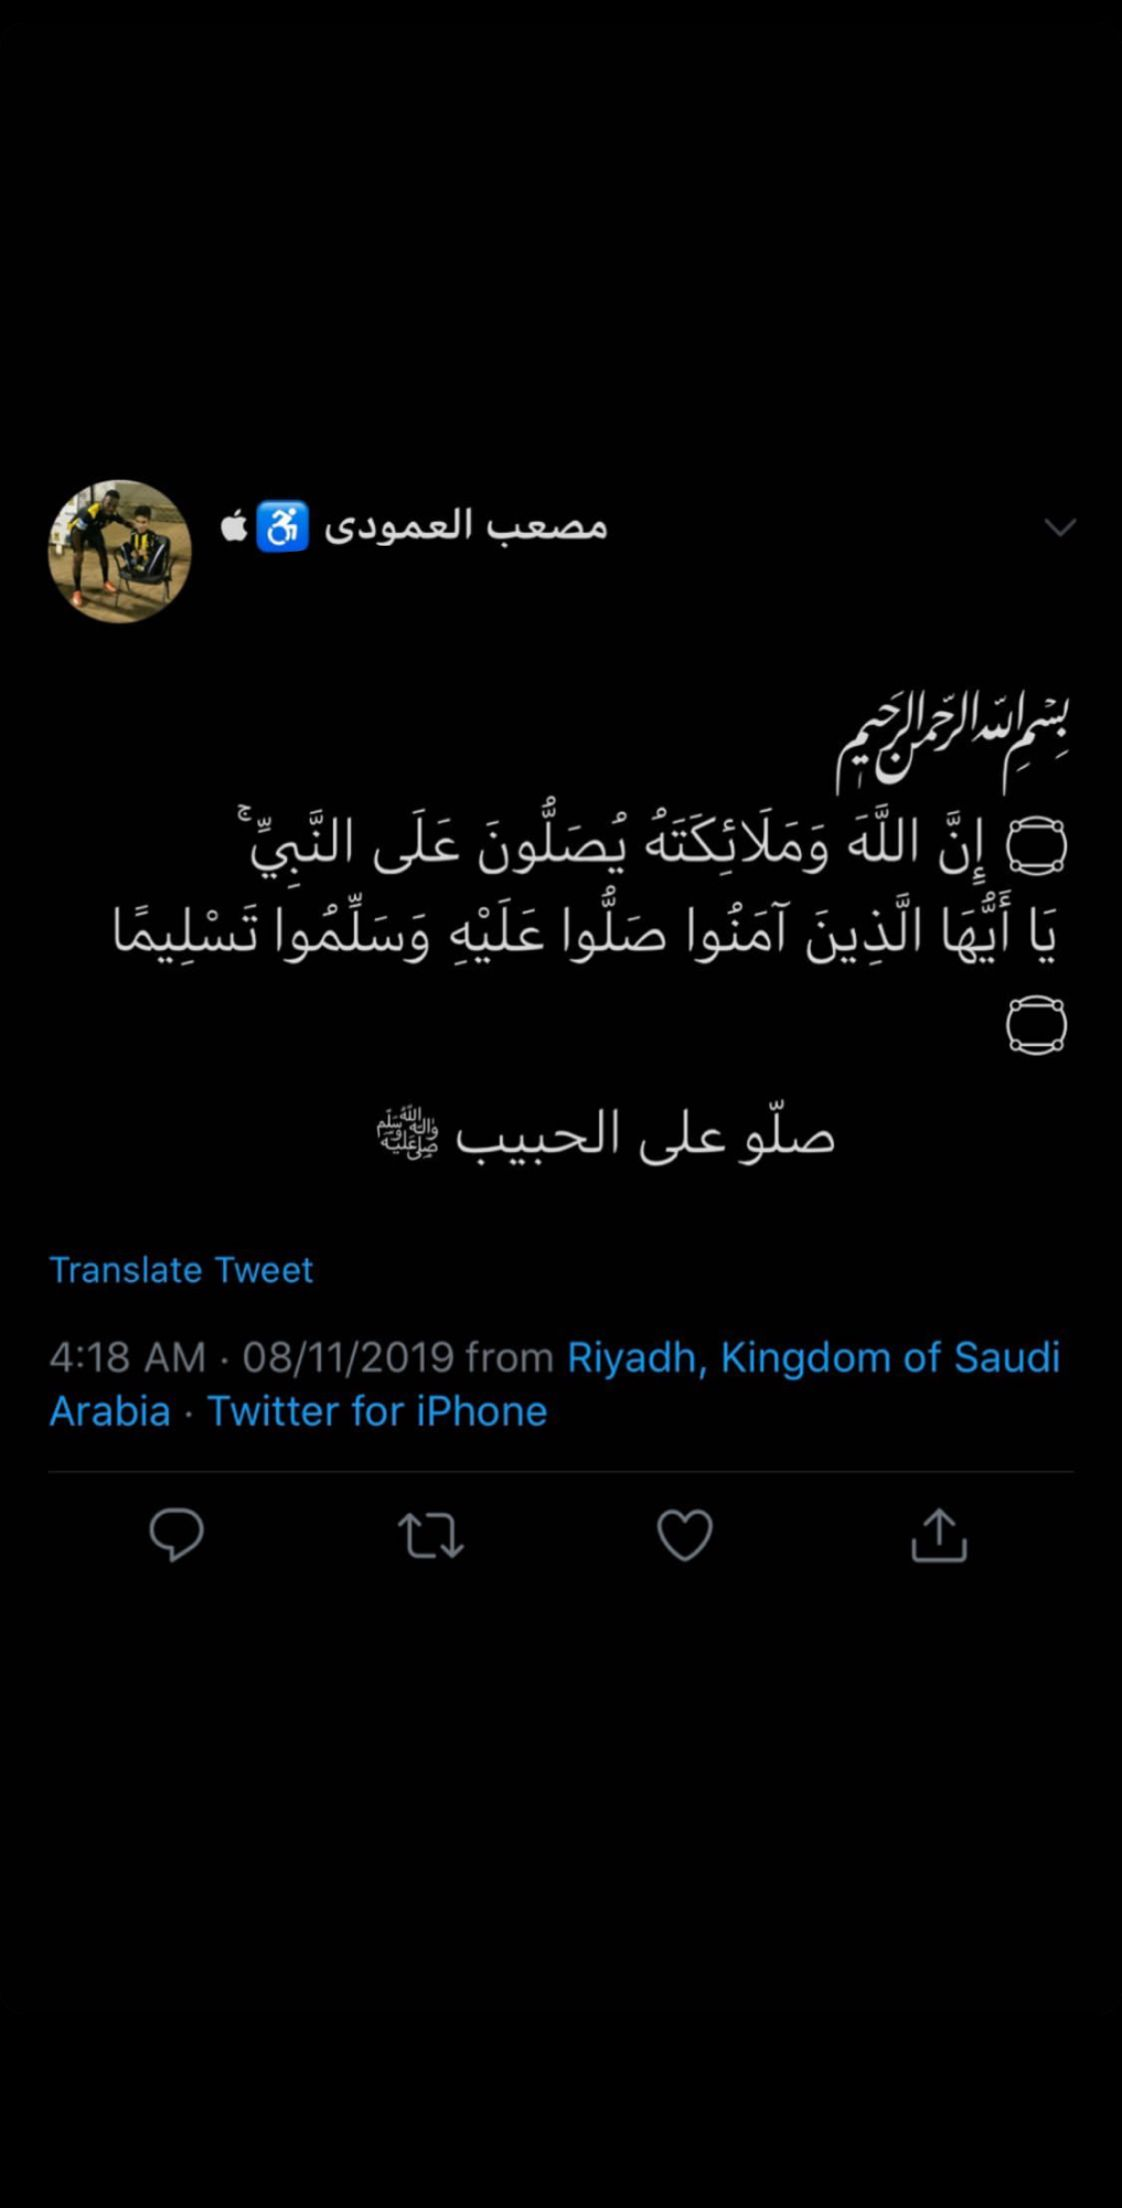 تغريدات الجمعة صلاة الجمعة رمضان رمزيات رمضان كريم Diy Recipe Quoteoftheday عبارات تويتر Twitter Tutorial Art Wallpaper Pandora Screenshot